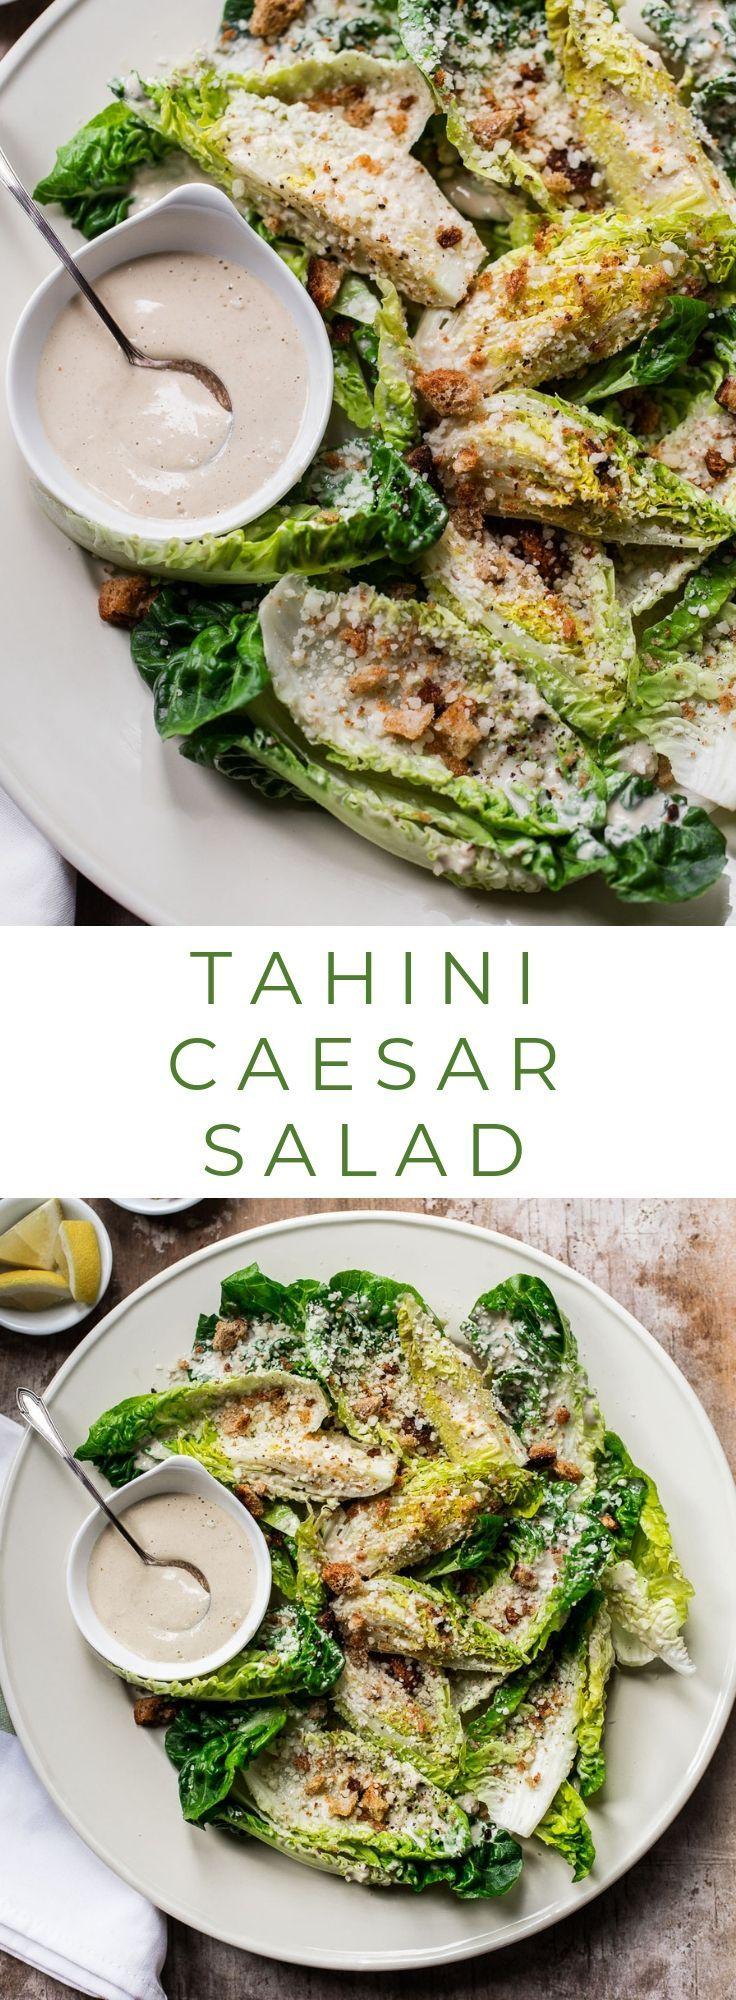 Tahini Caesar Salad with Olive Oil Breadcrumbs